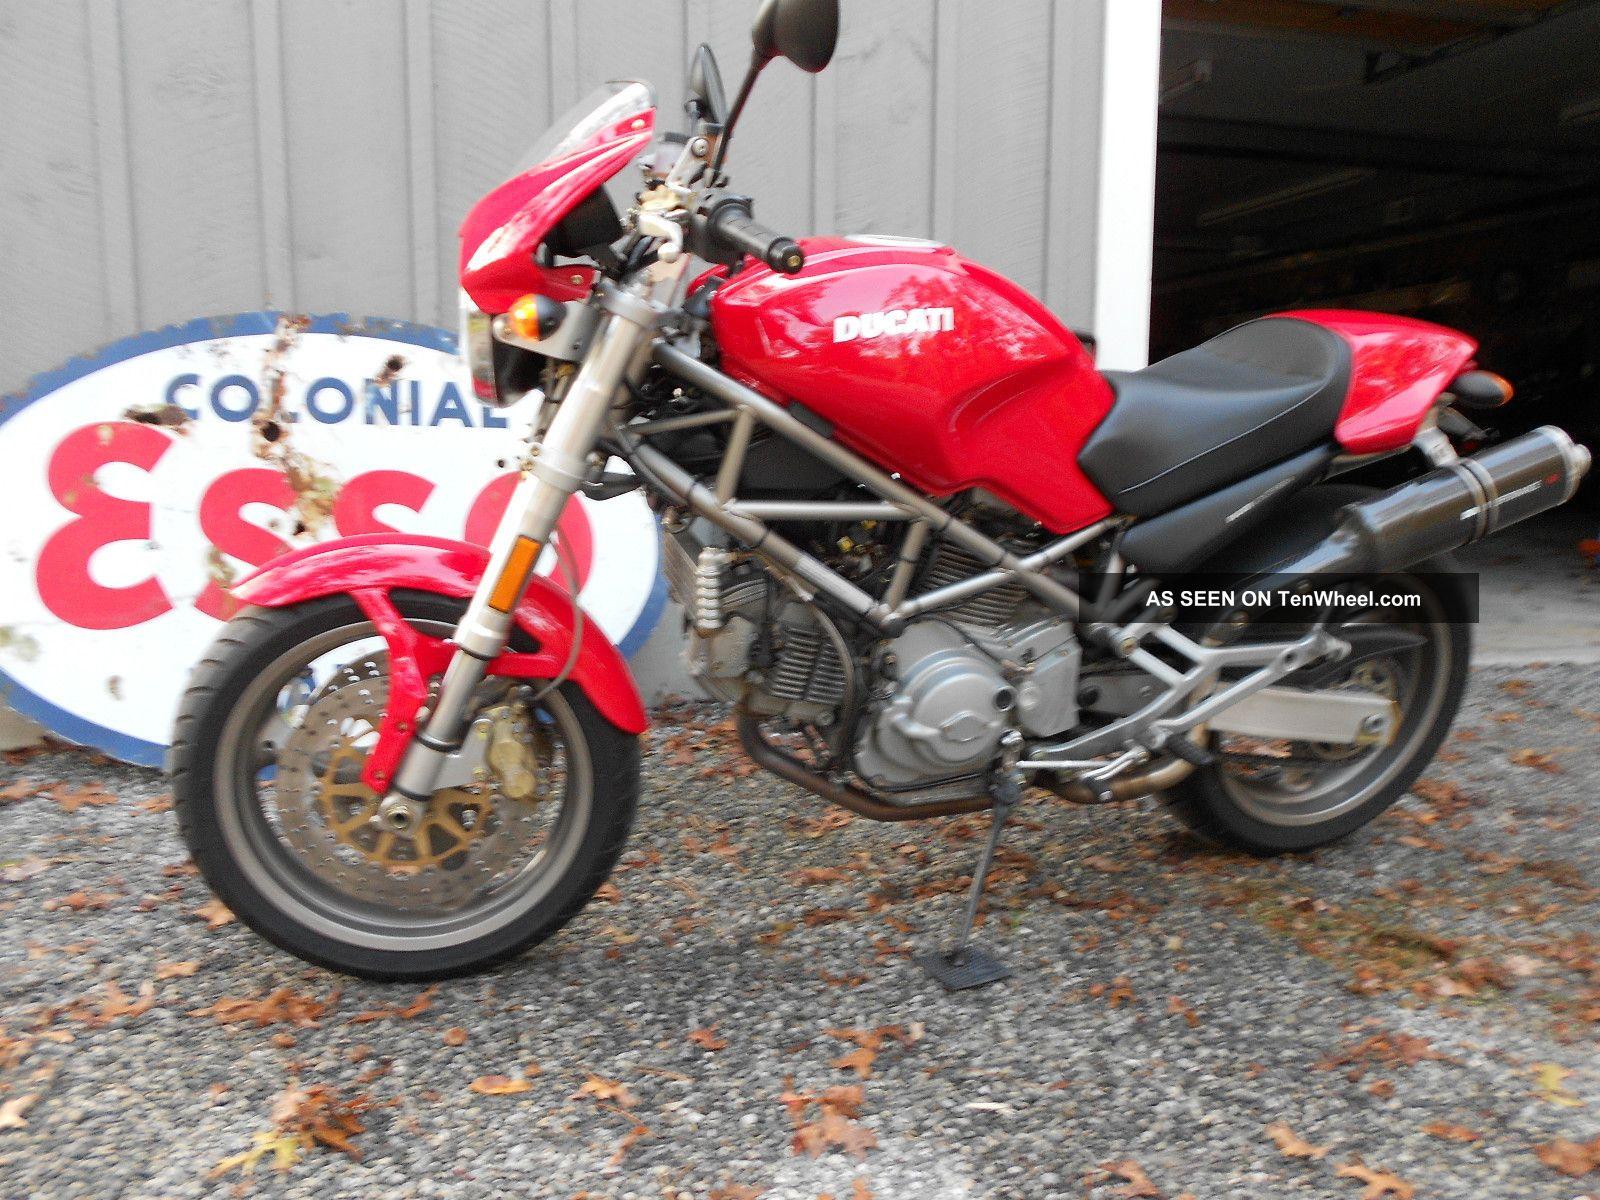 2002 Ducati 900 Monster Red Remus Performance Bike Monster photo